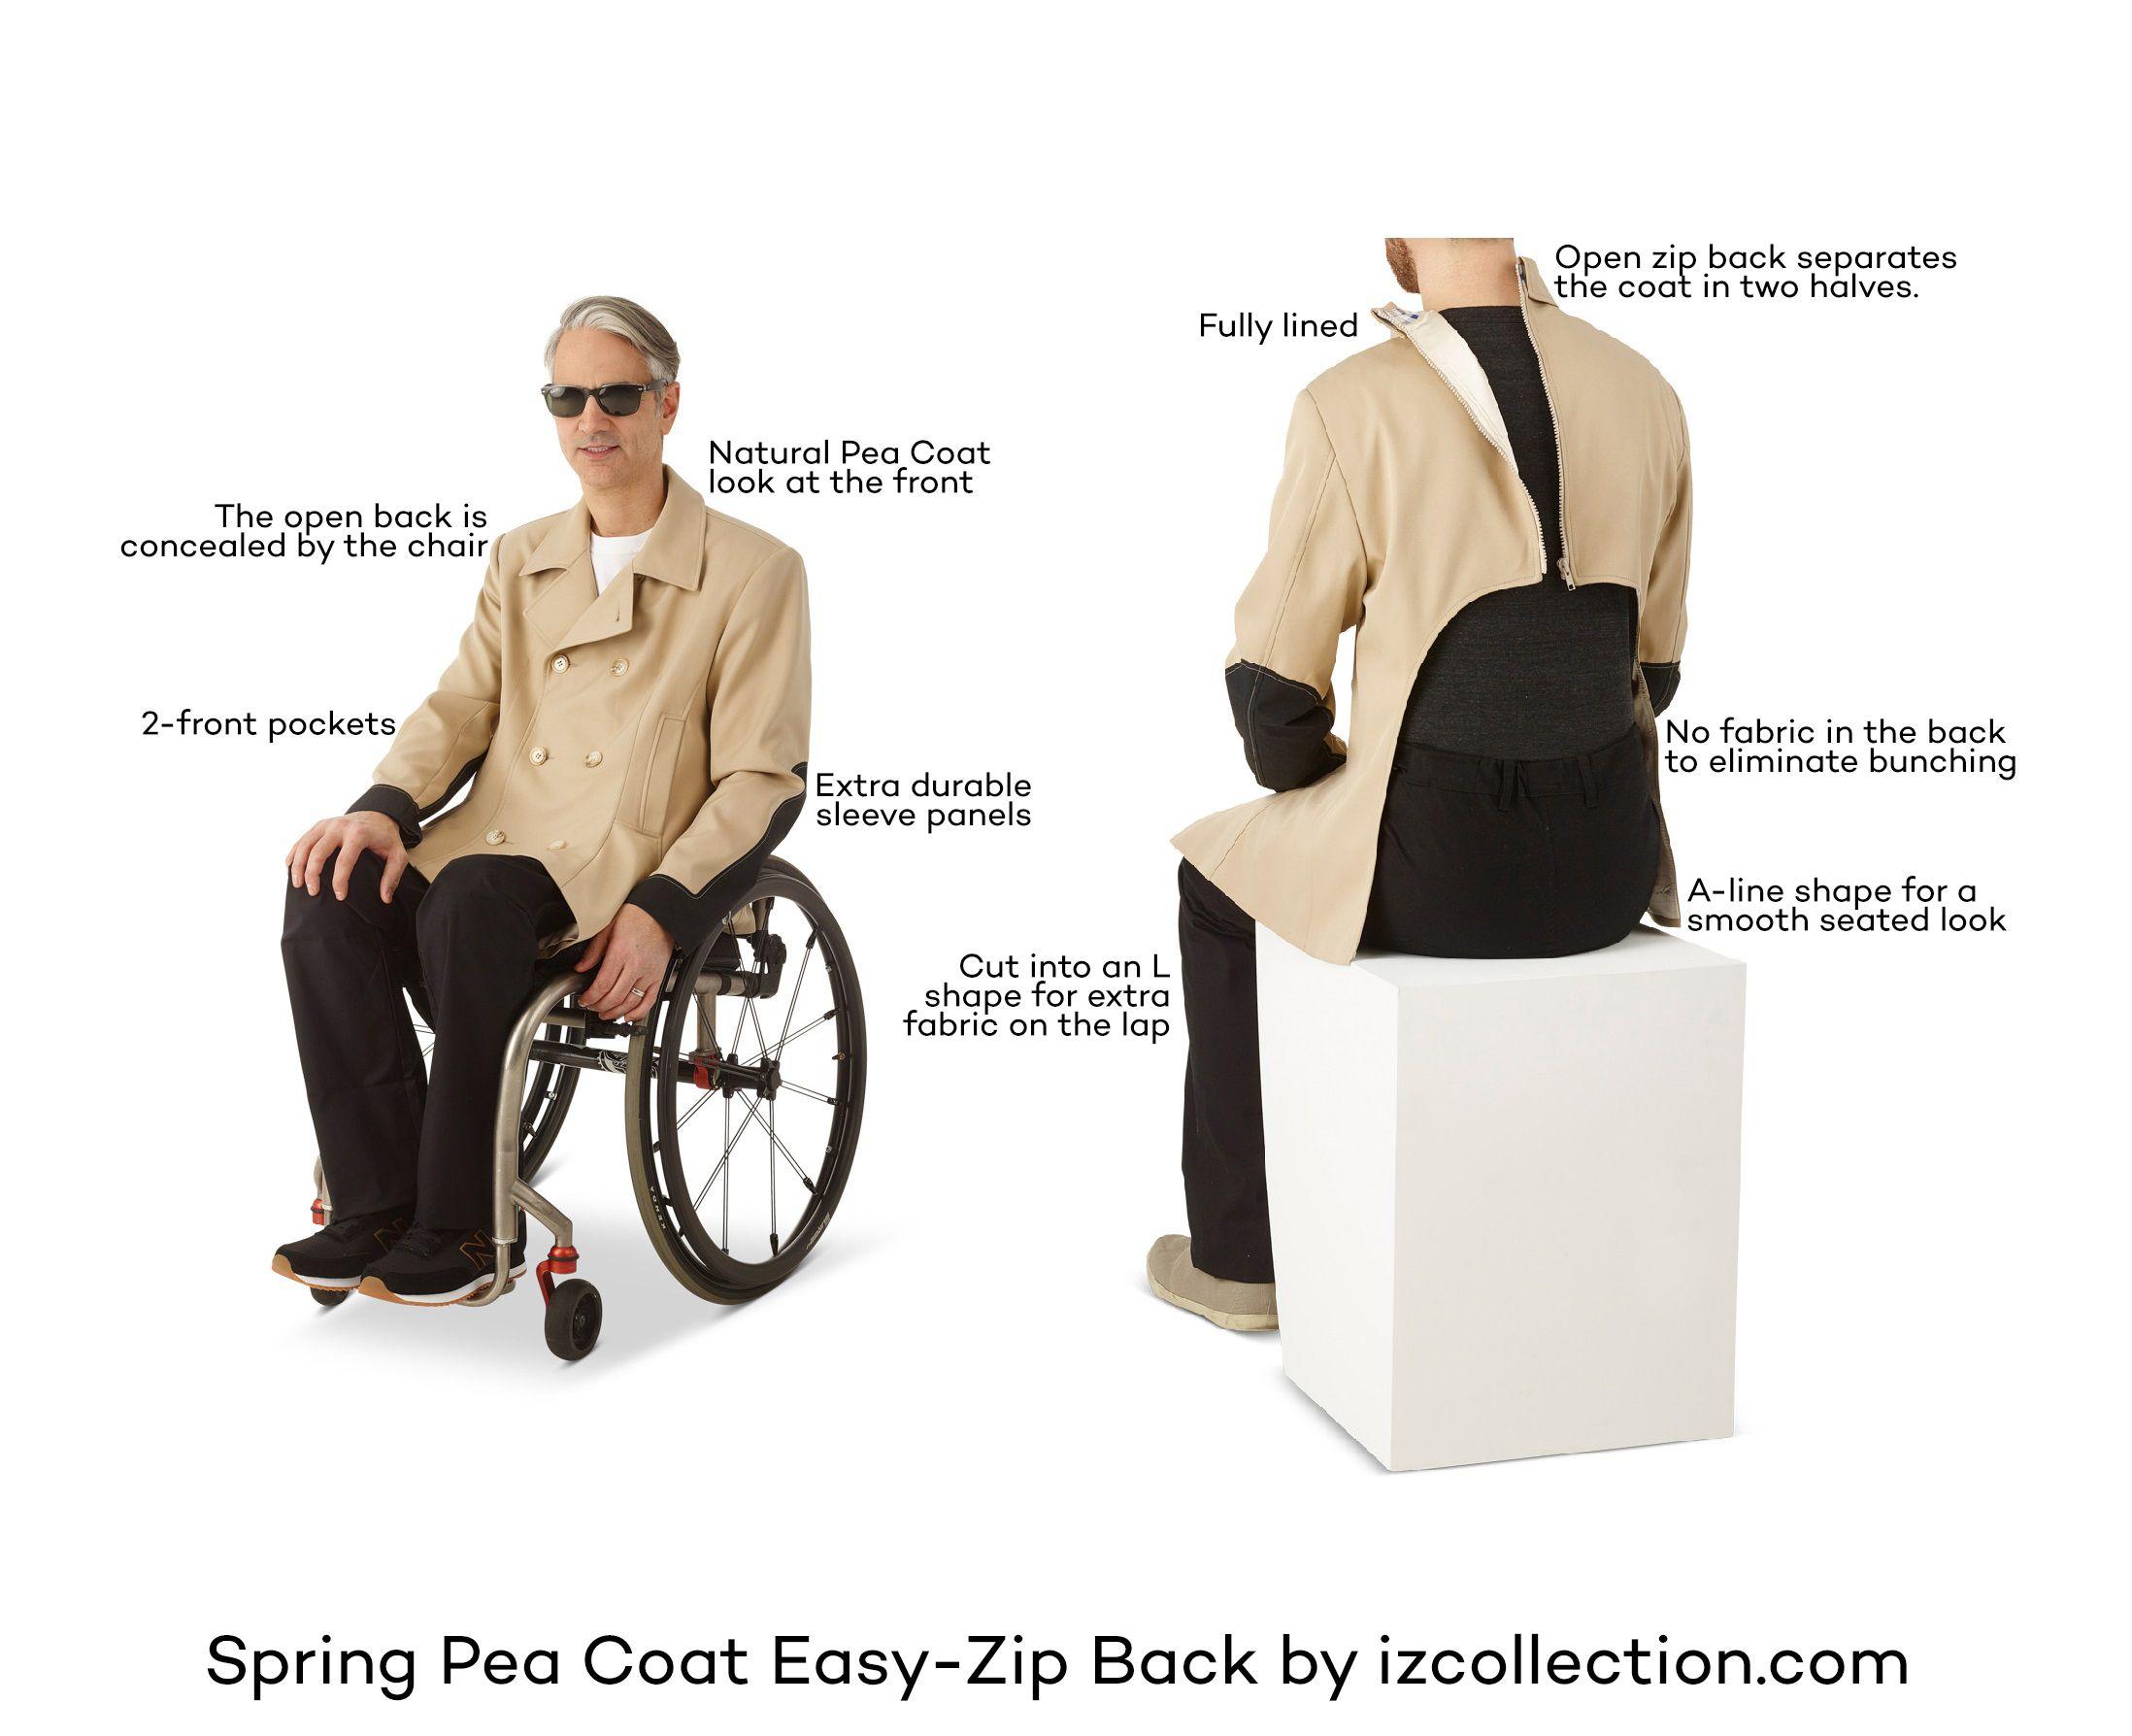 IZ Collection - Spring Pea Coat in an Easy-Zip back. Unzip the ...